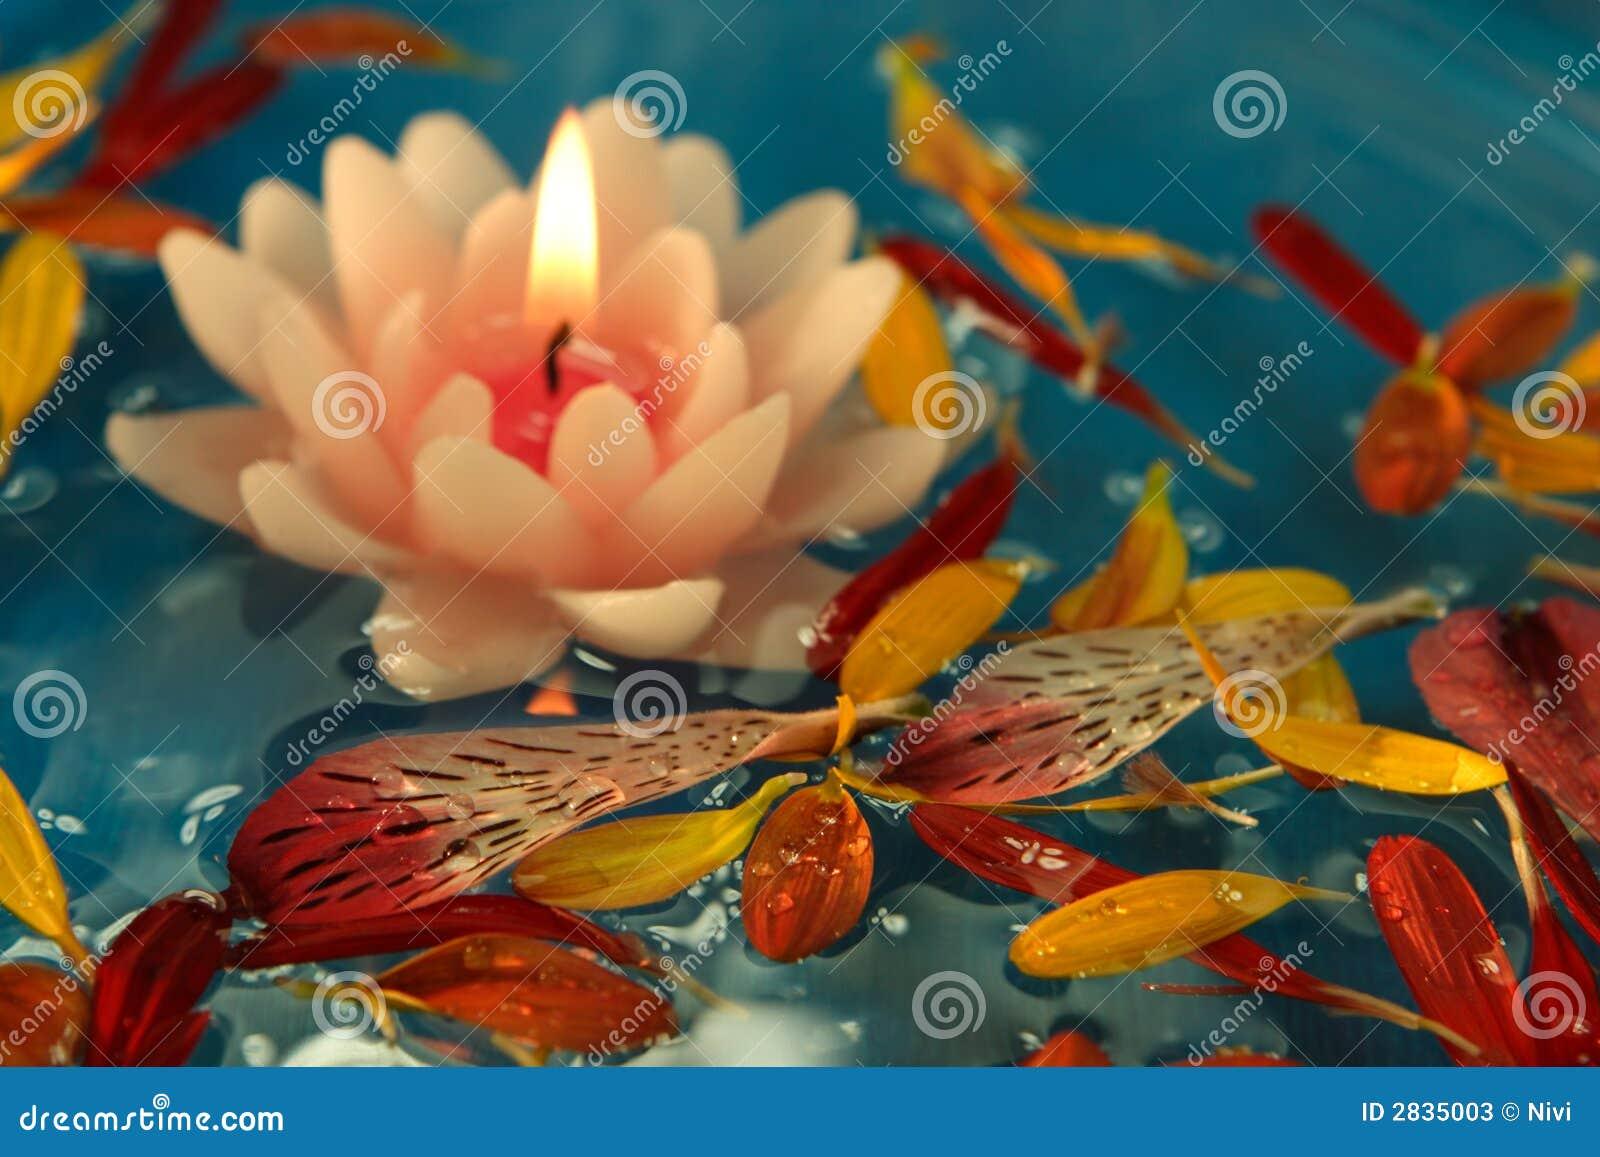 Floating Lotus Candle Stock Image Image Of Burning Liquid 2835003